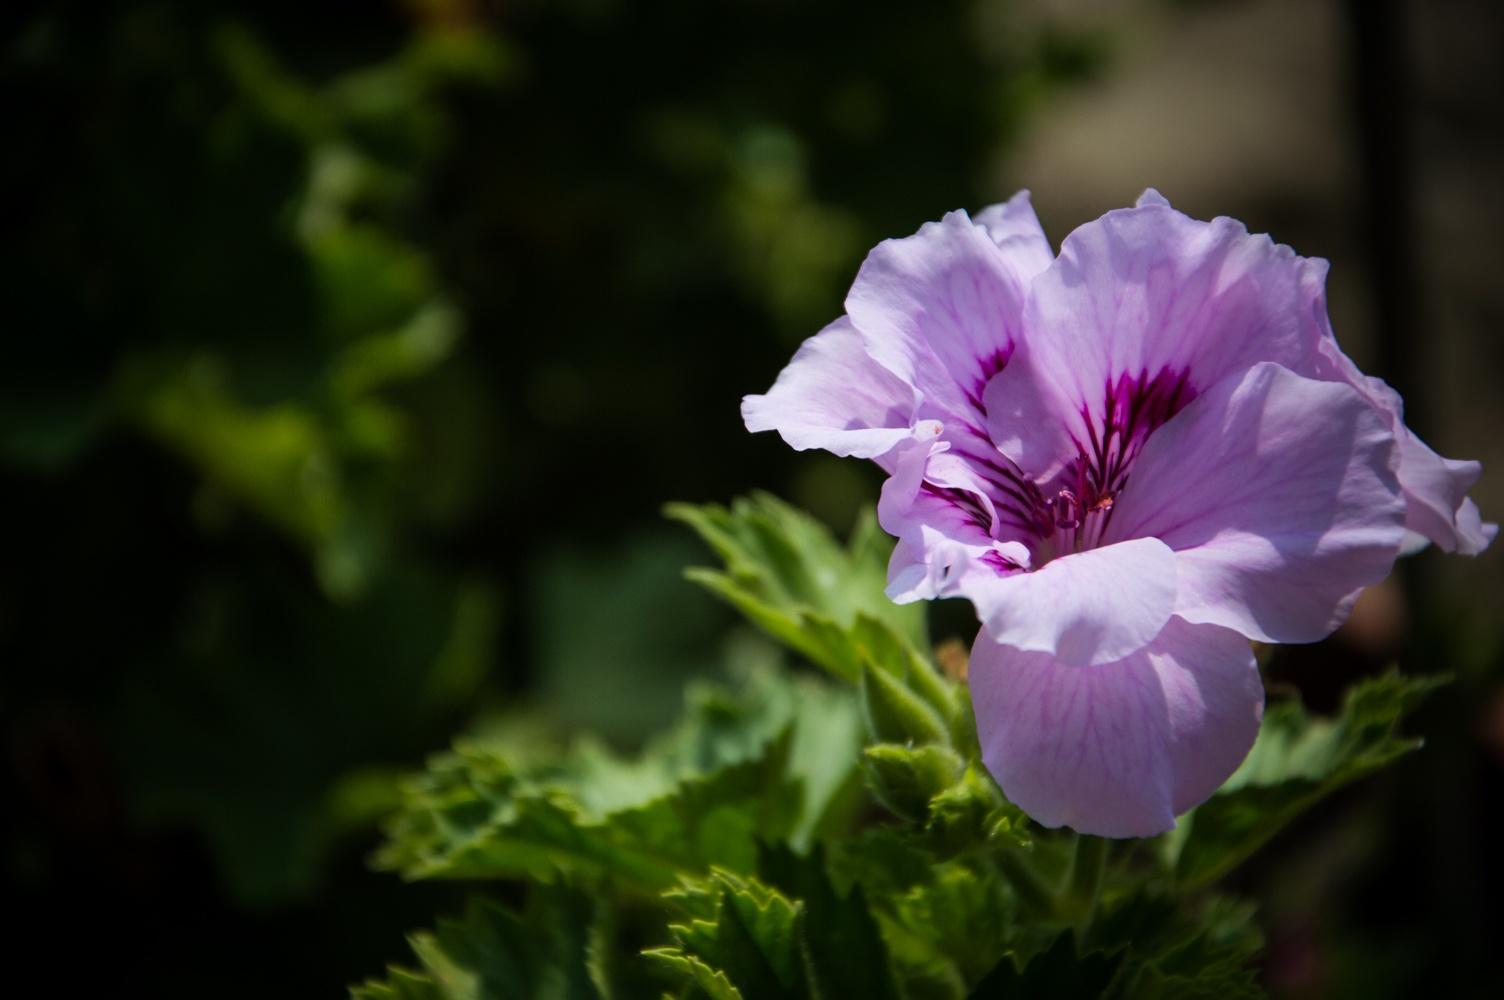 Violet by gennaro.riccio